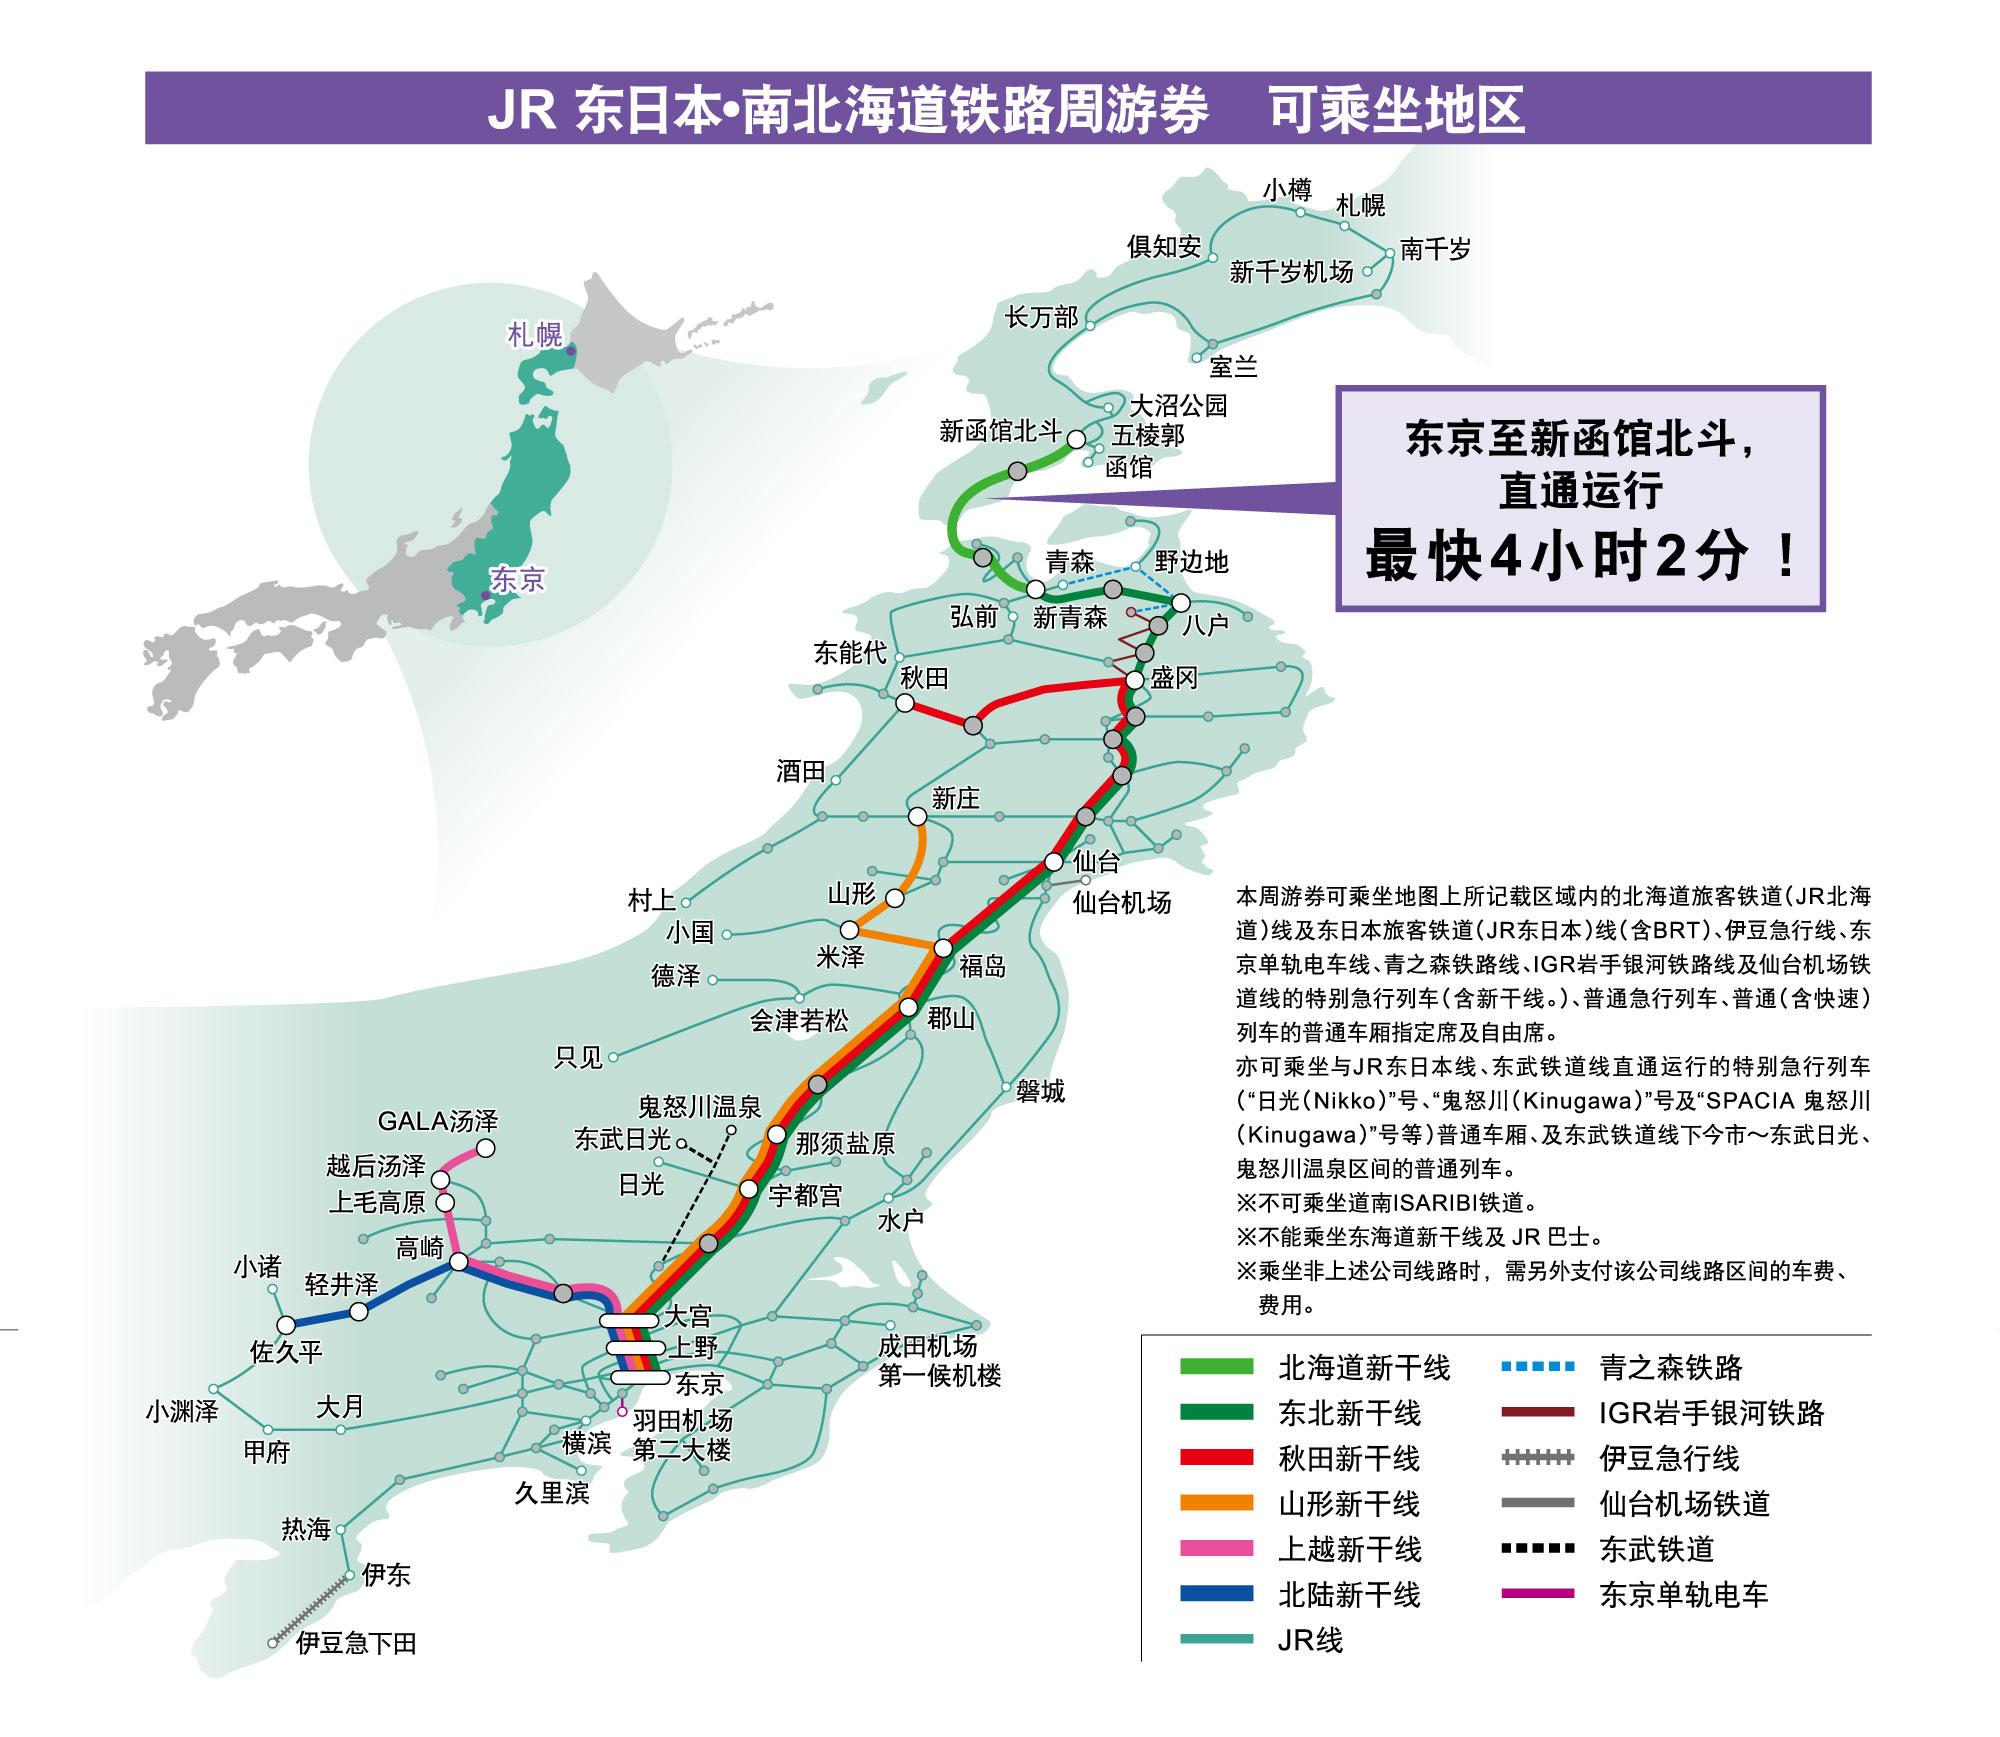 【东京直通北海道】【大陆包邮】jr东日本99南铁路